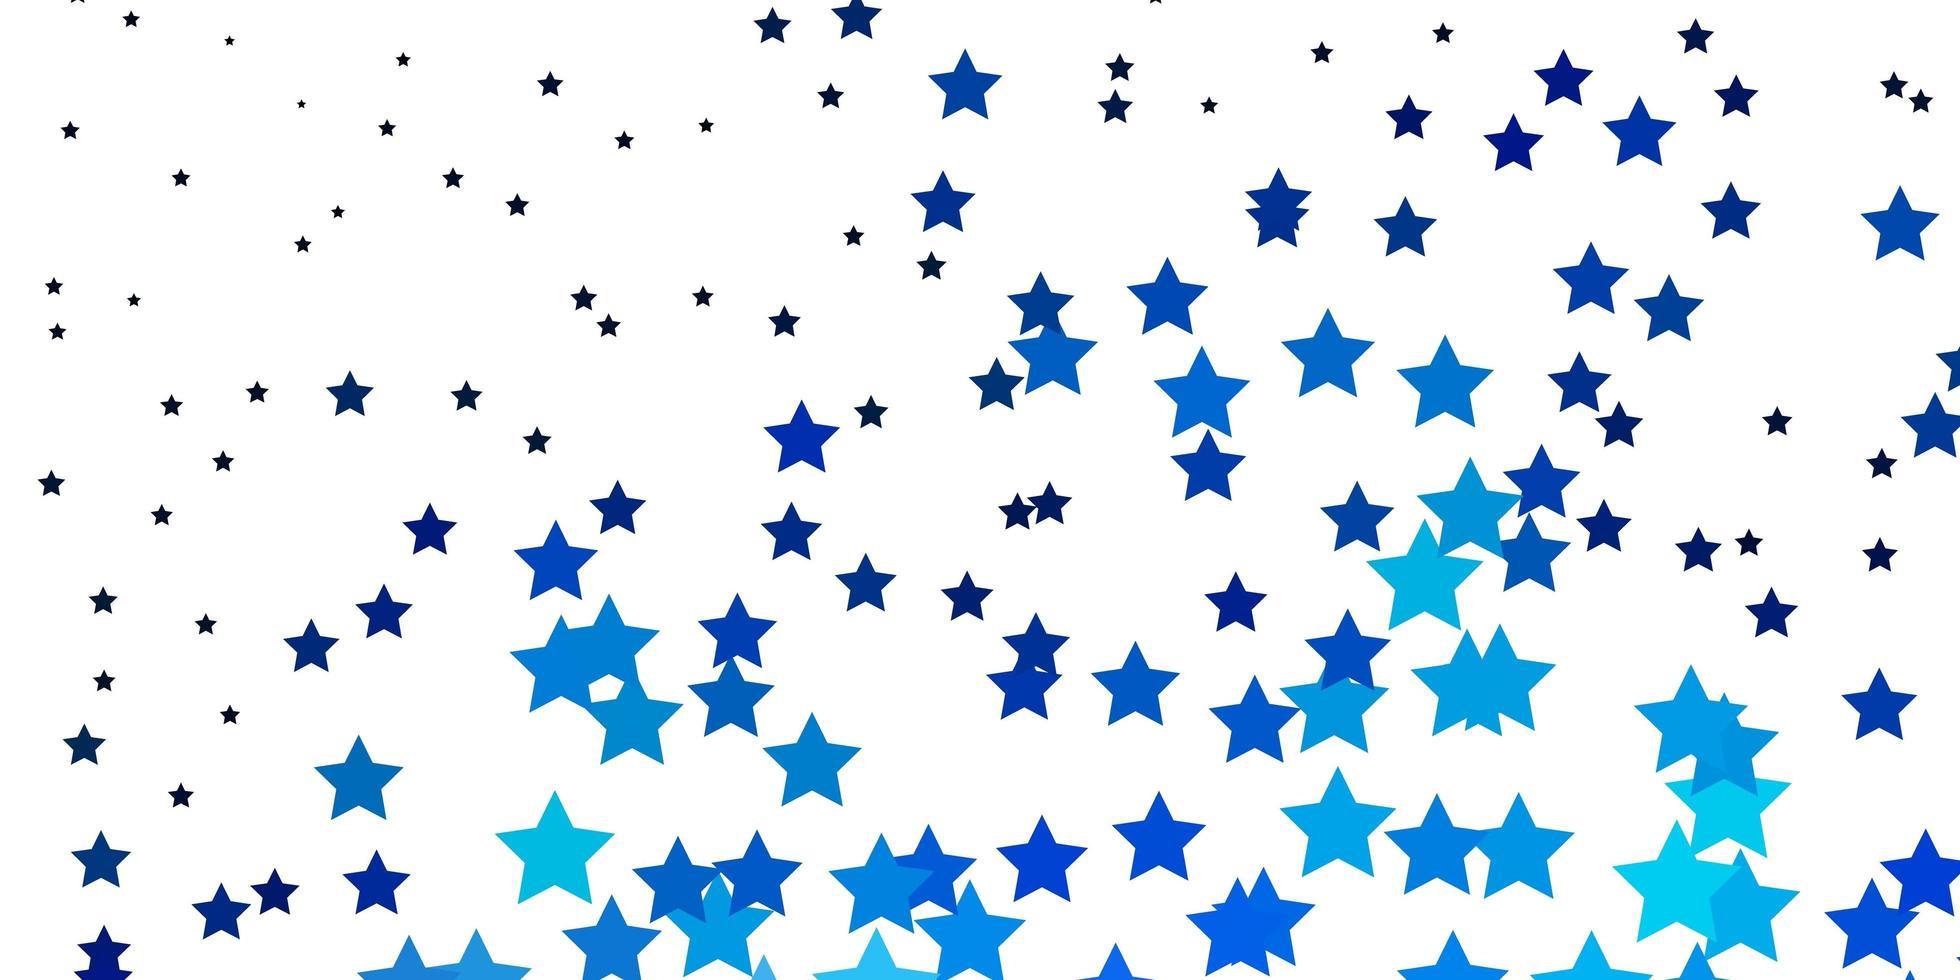 lichtblauwe vectorachtergrond met kleine en grote sterren. vector